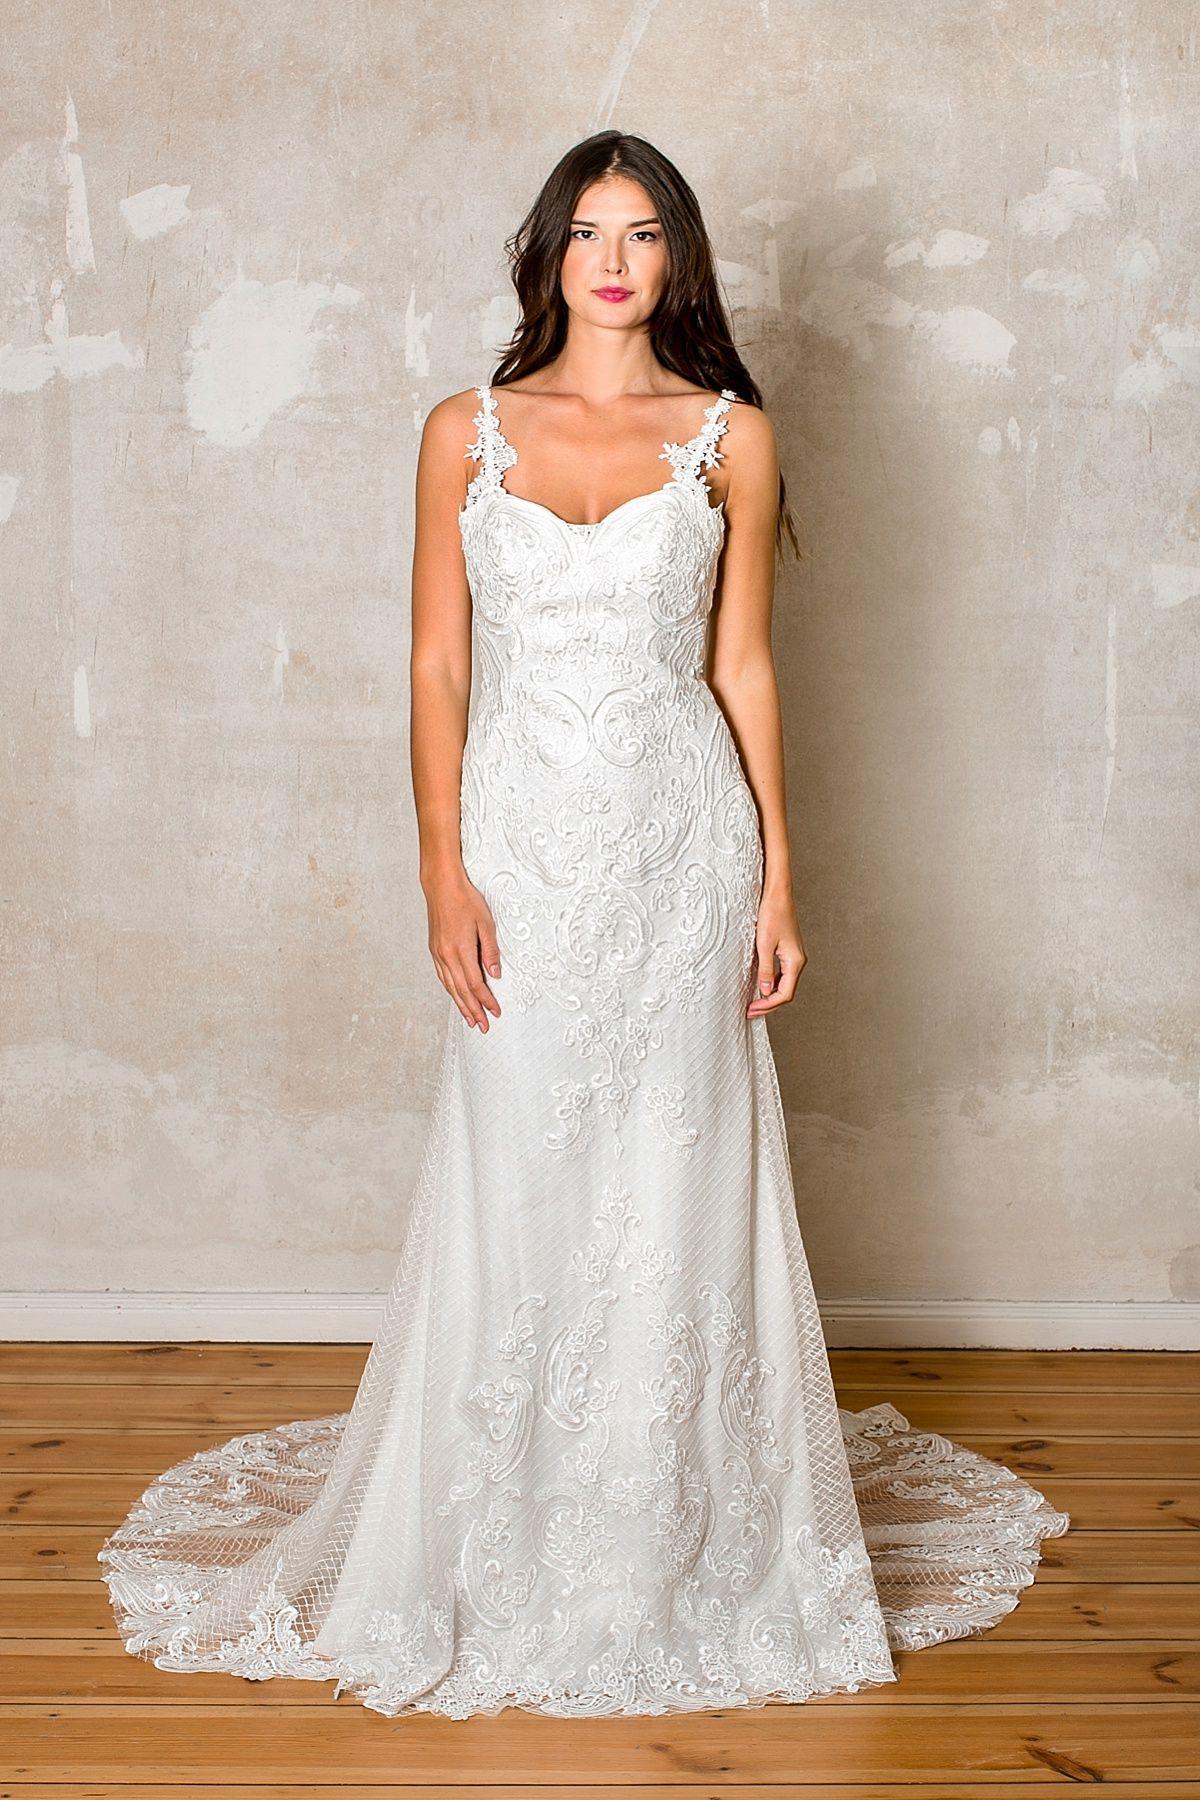 Berühmt Bianchi Hochzeitskleider Galerie - Hochzeit Kleid Stile ...